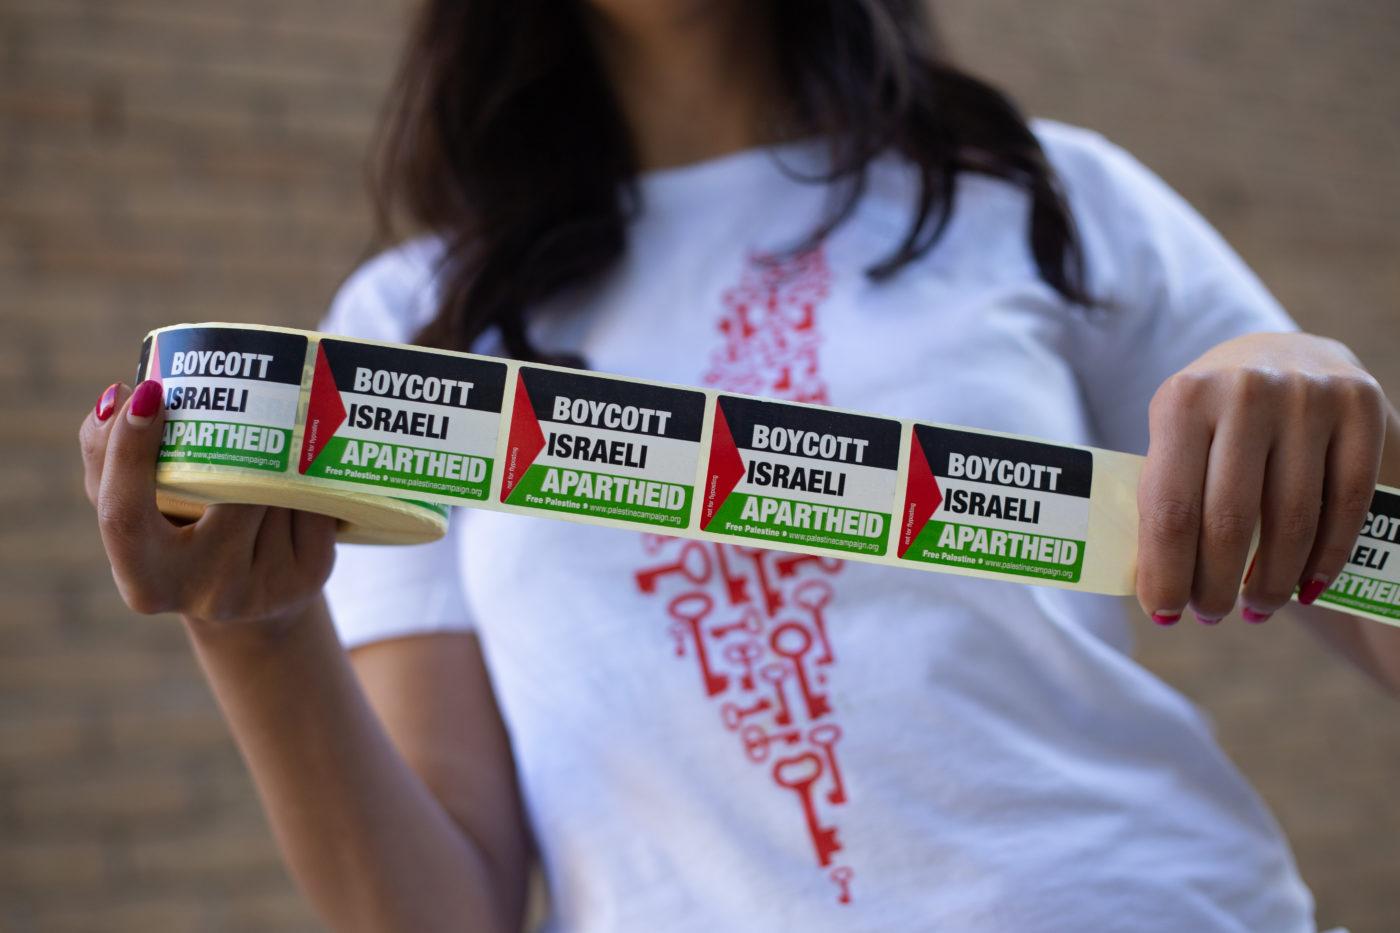 سمومهم في أسواقنا... السبب الصحي لمقاطعة المنتجات الإسرائيلية